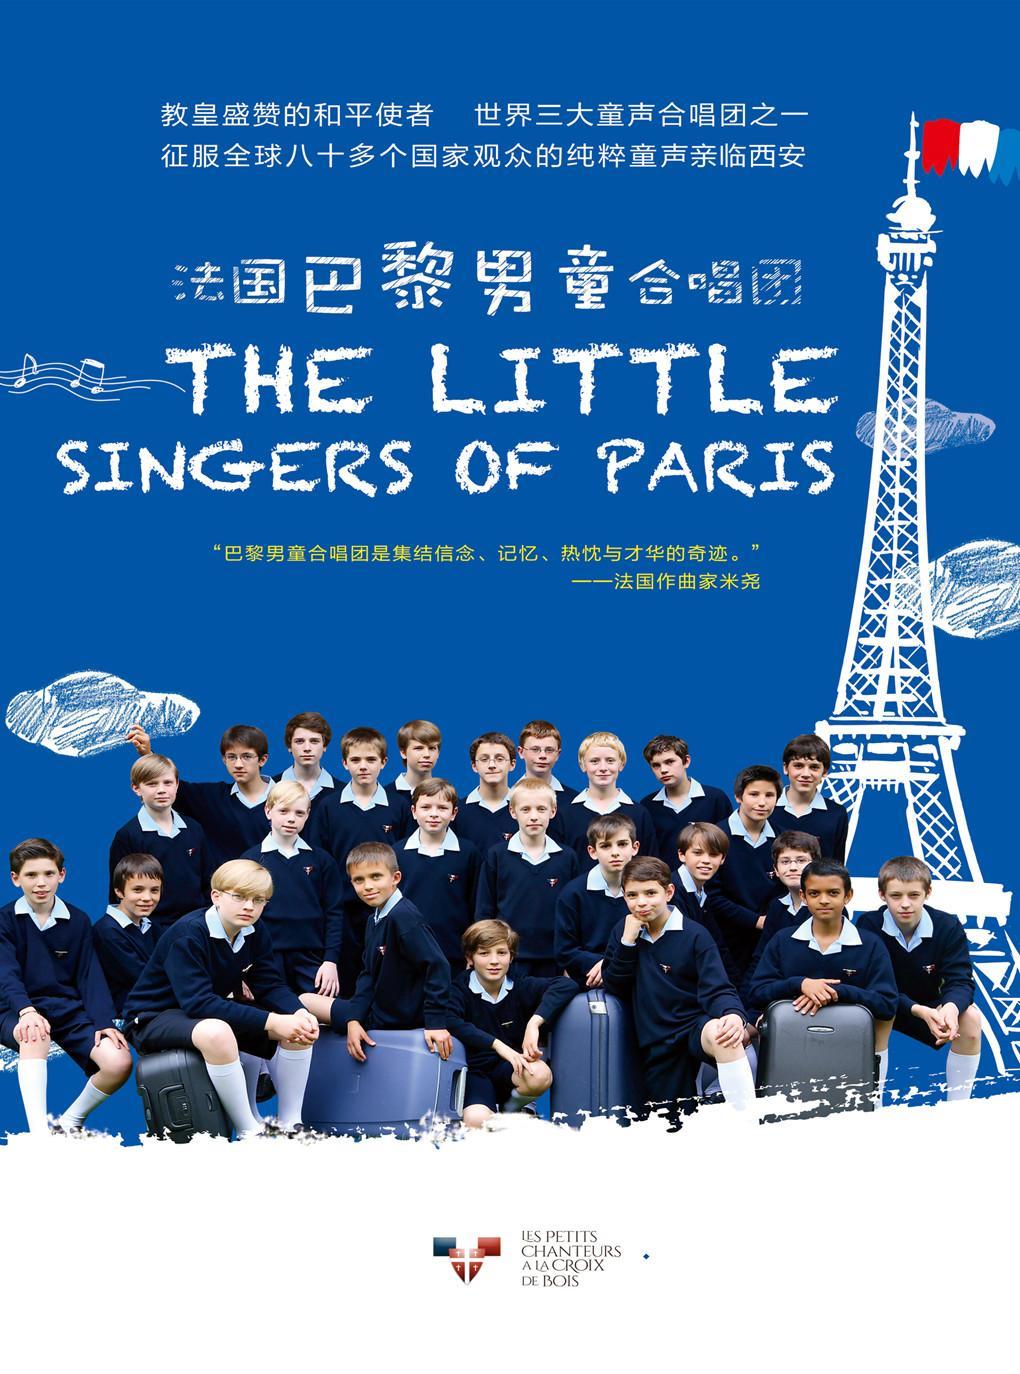 法国巴黎男童合唱团西安音乐会